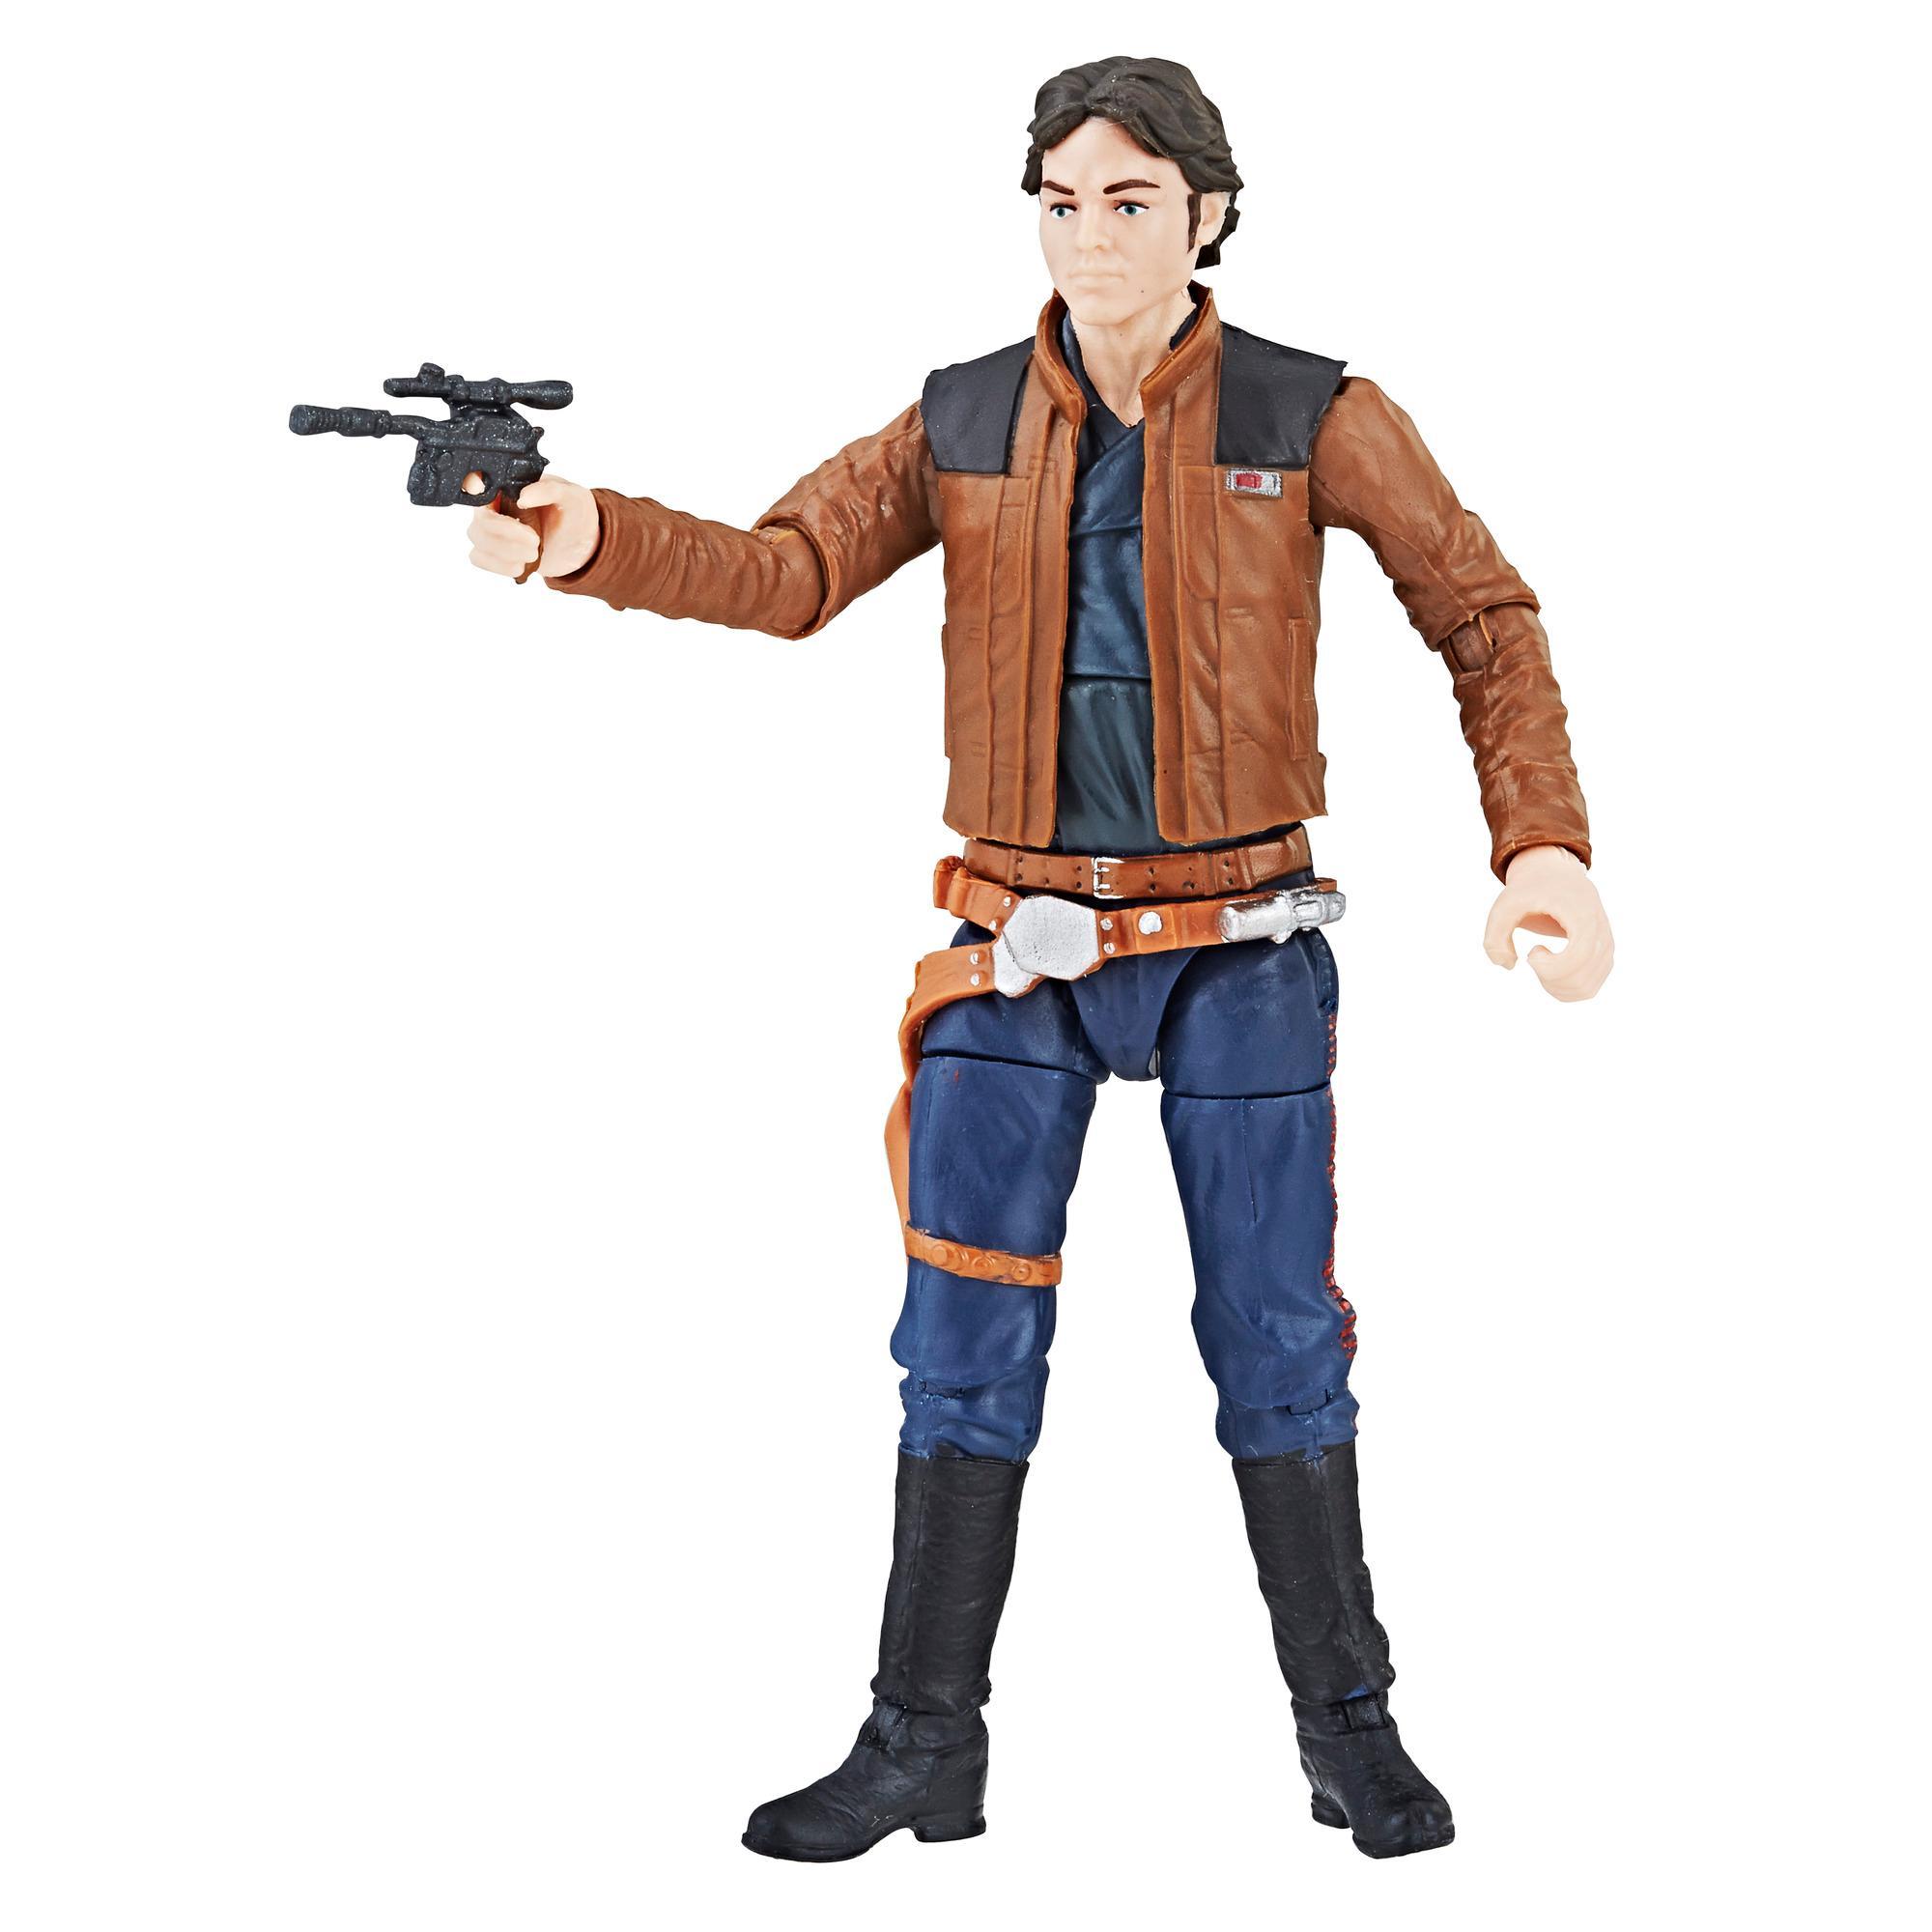 Star Wars - Collection Vintage - Figurine Han Solo de 9,5 cm